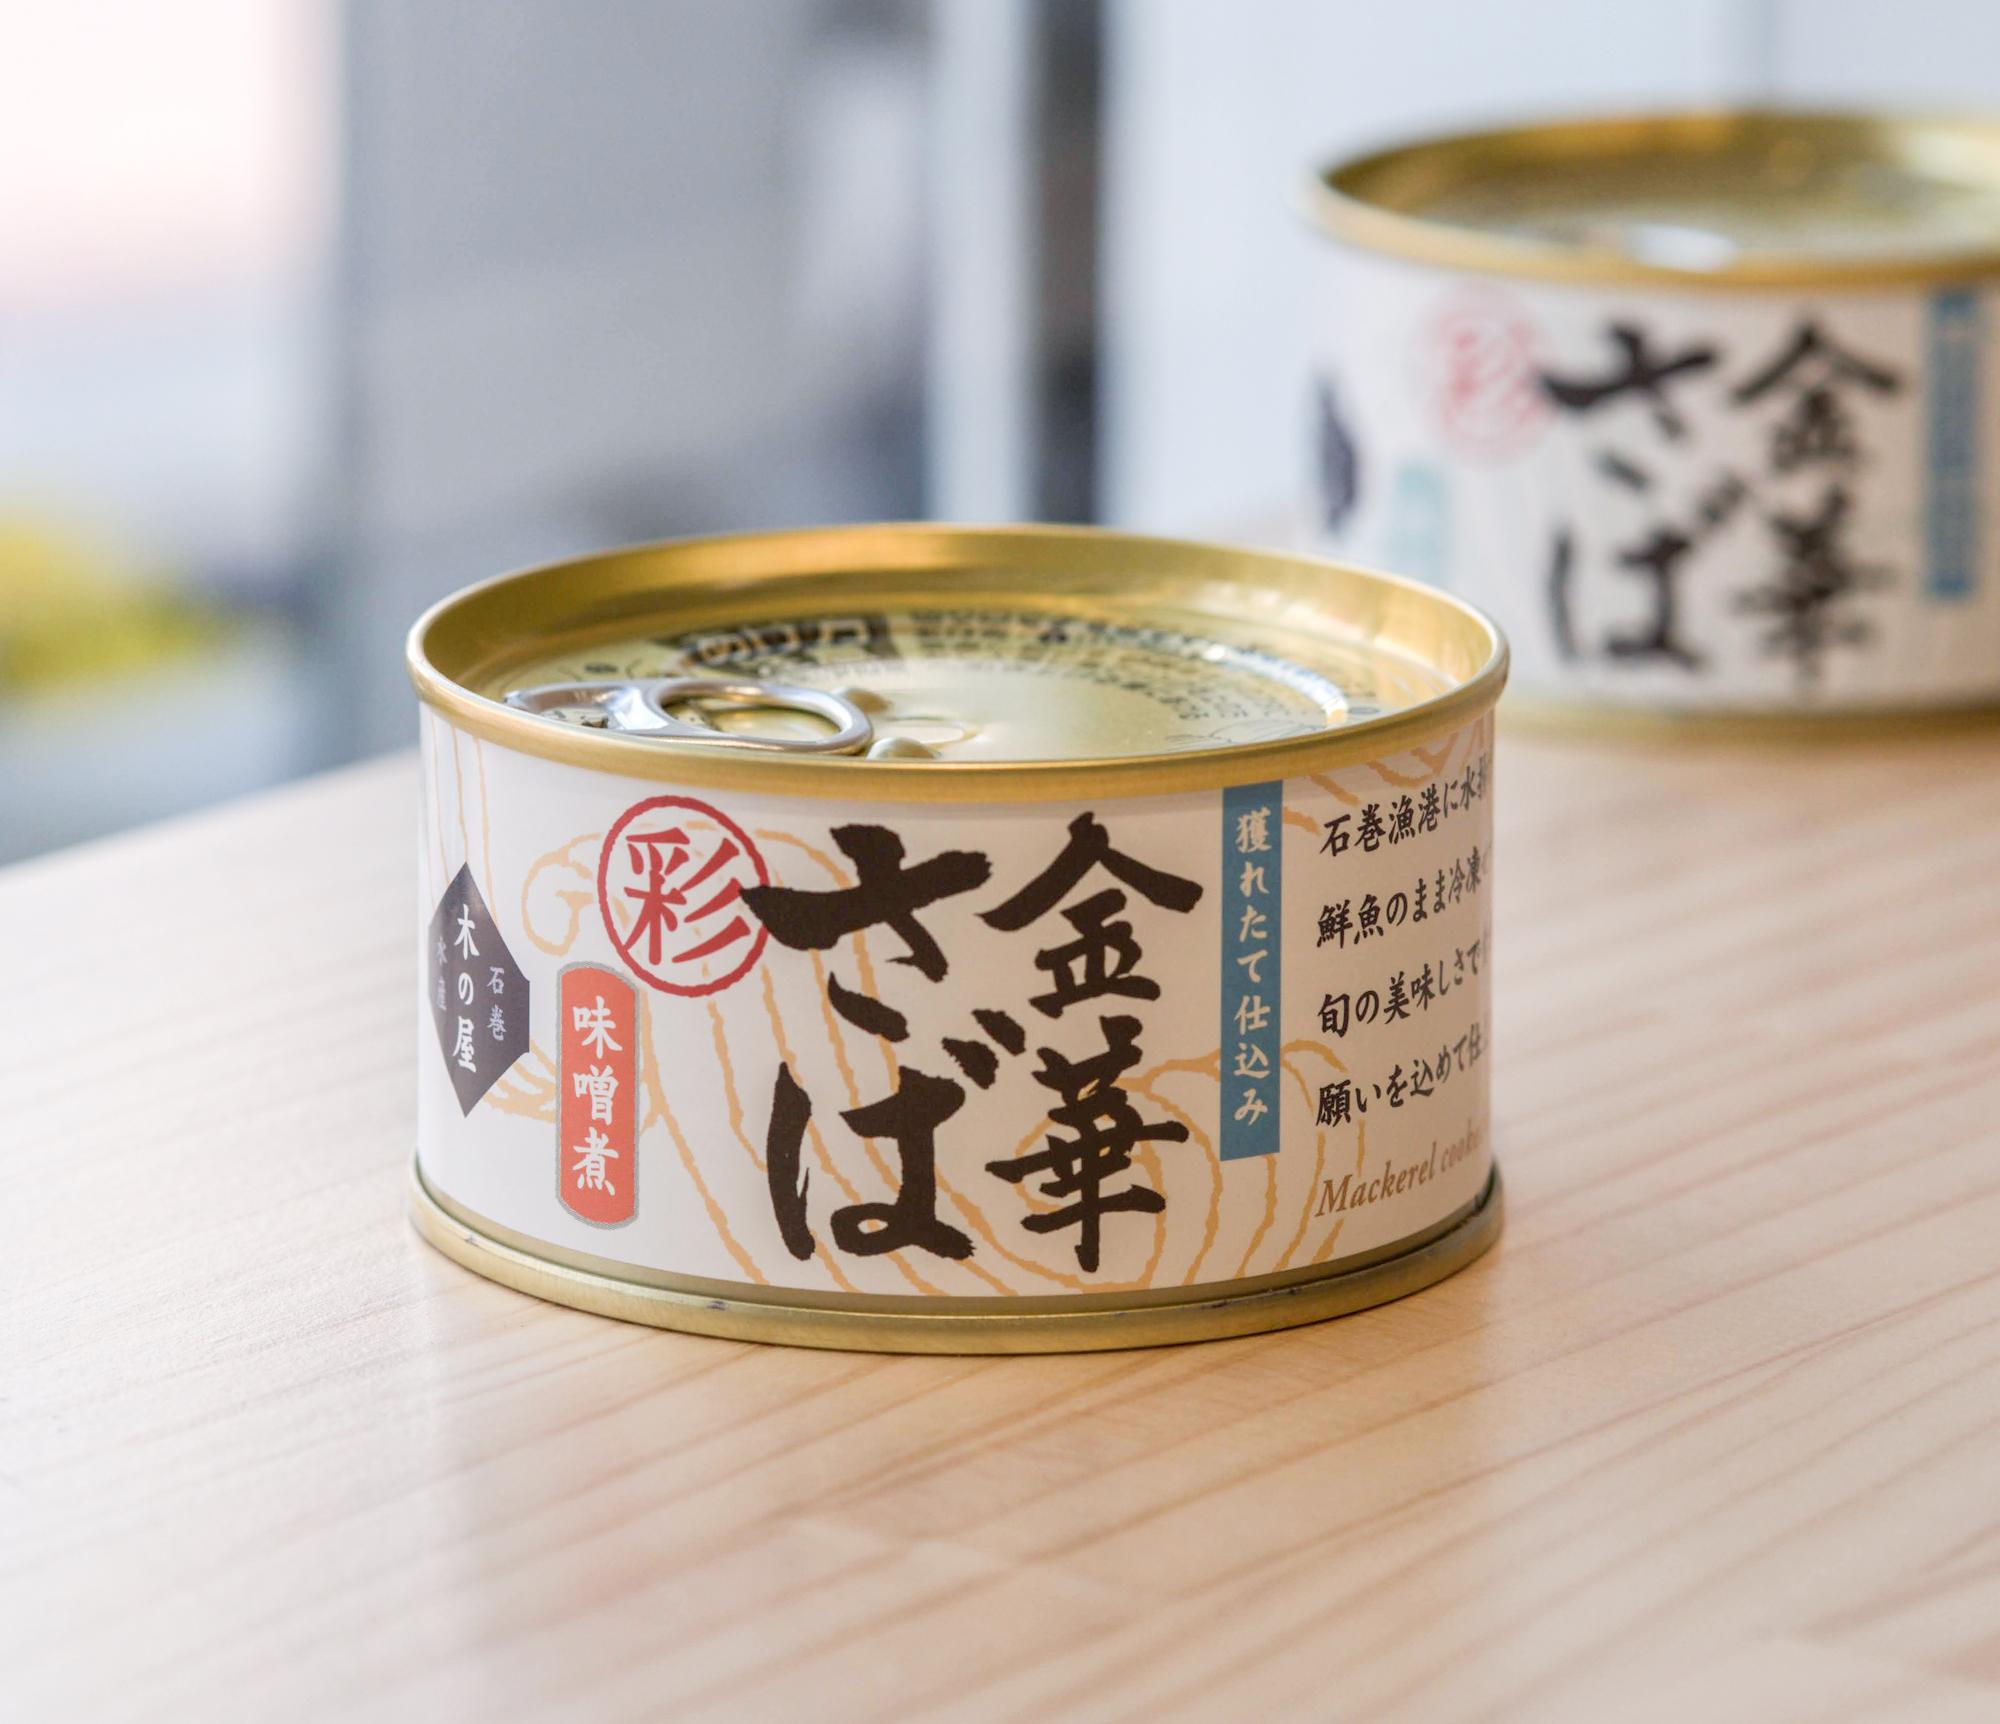 宮城県・石巻『金華さば缶 味噌味』